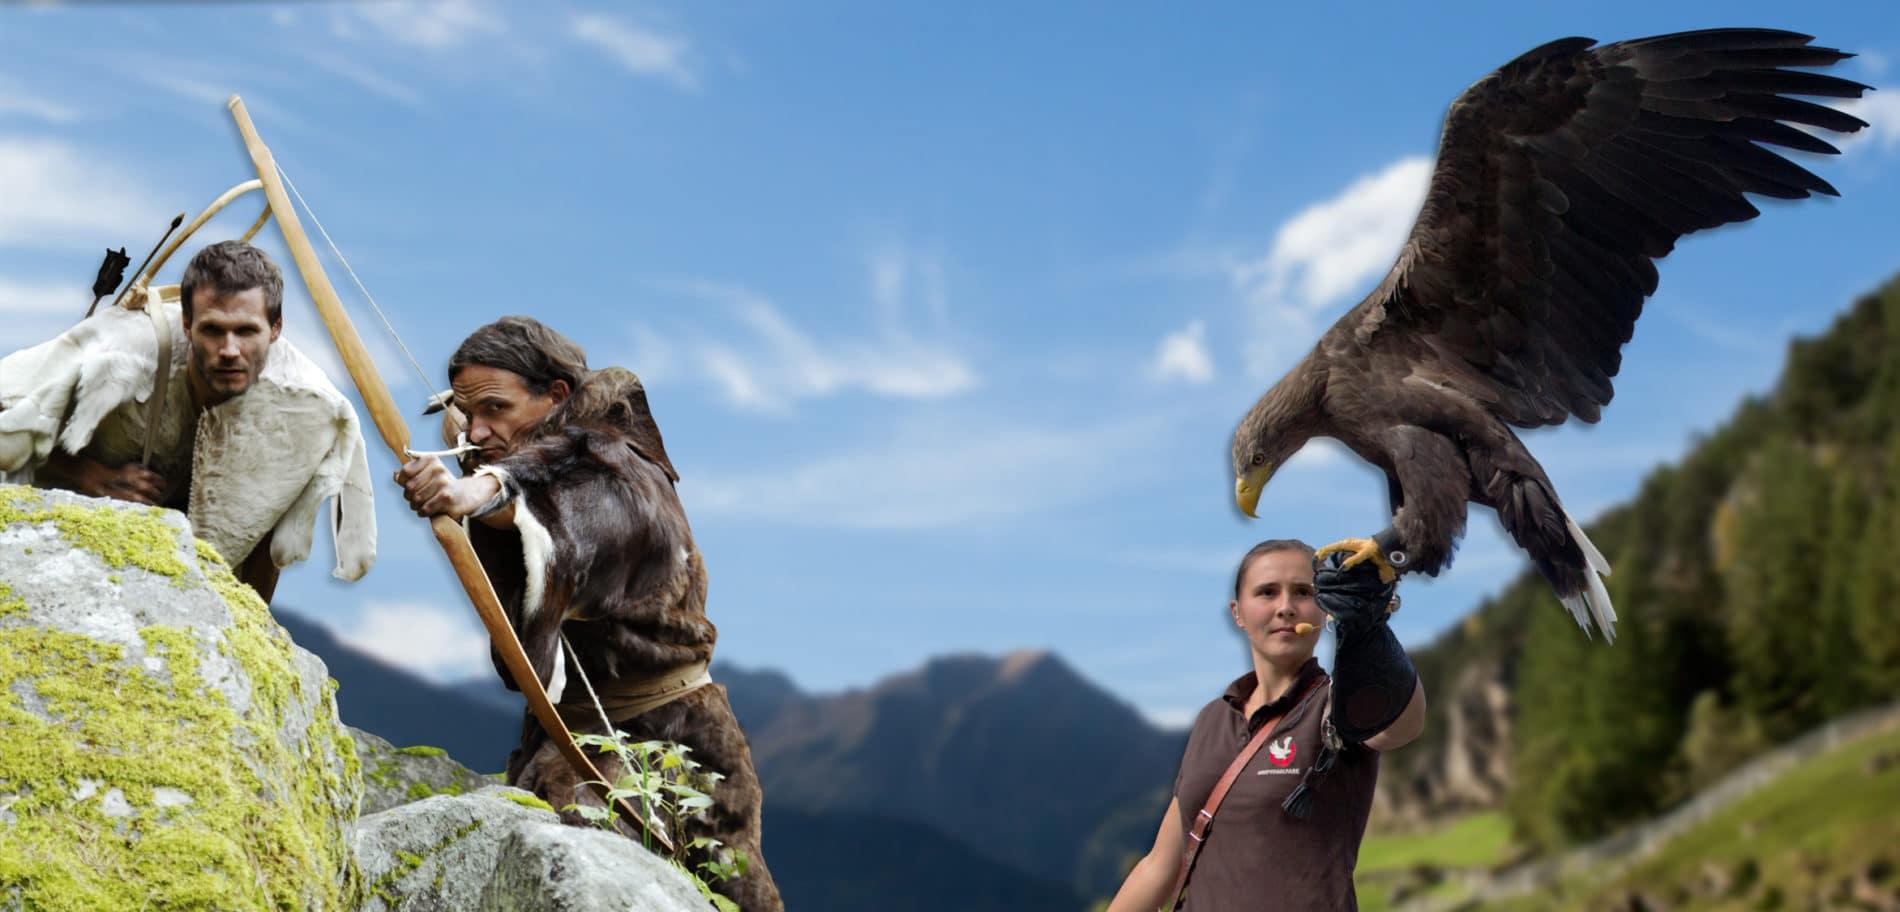 Mann beim Bogenschießen und Falknerin mit Adler